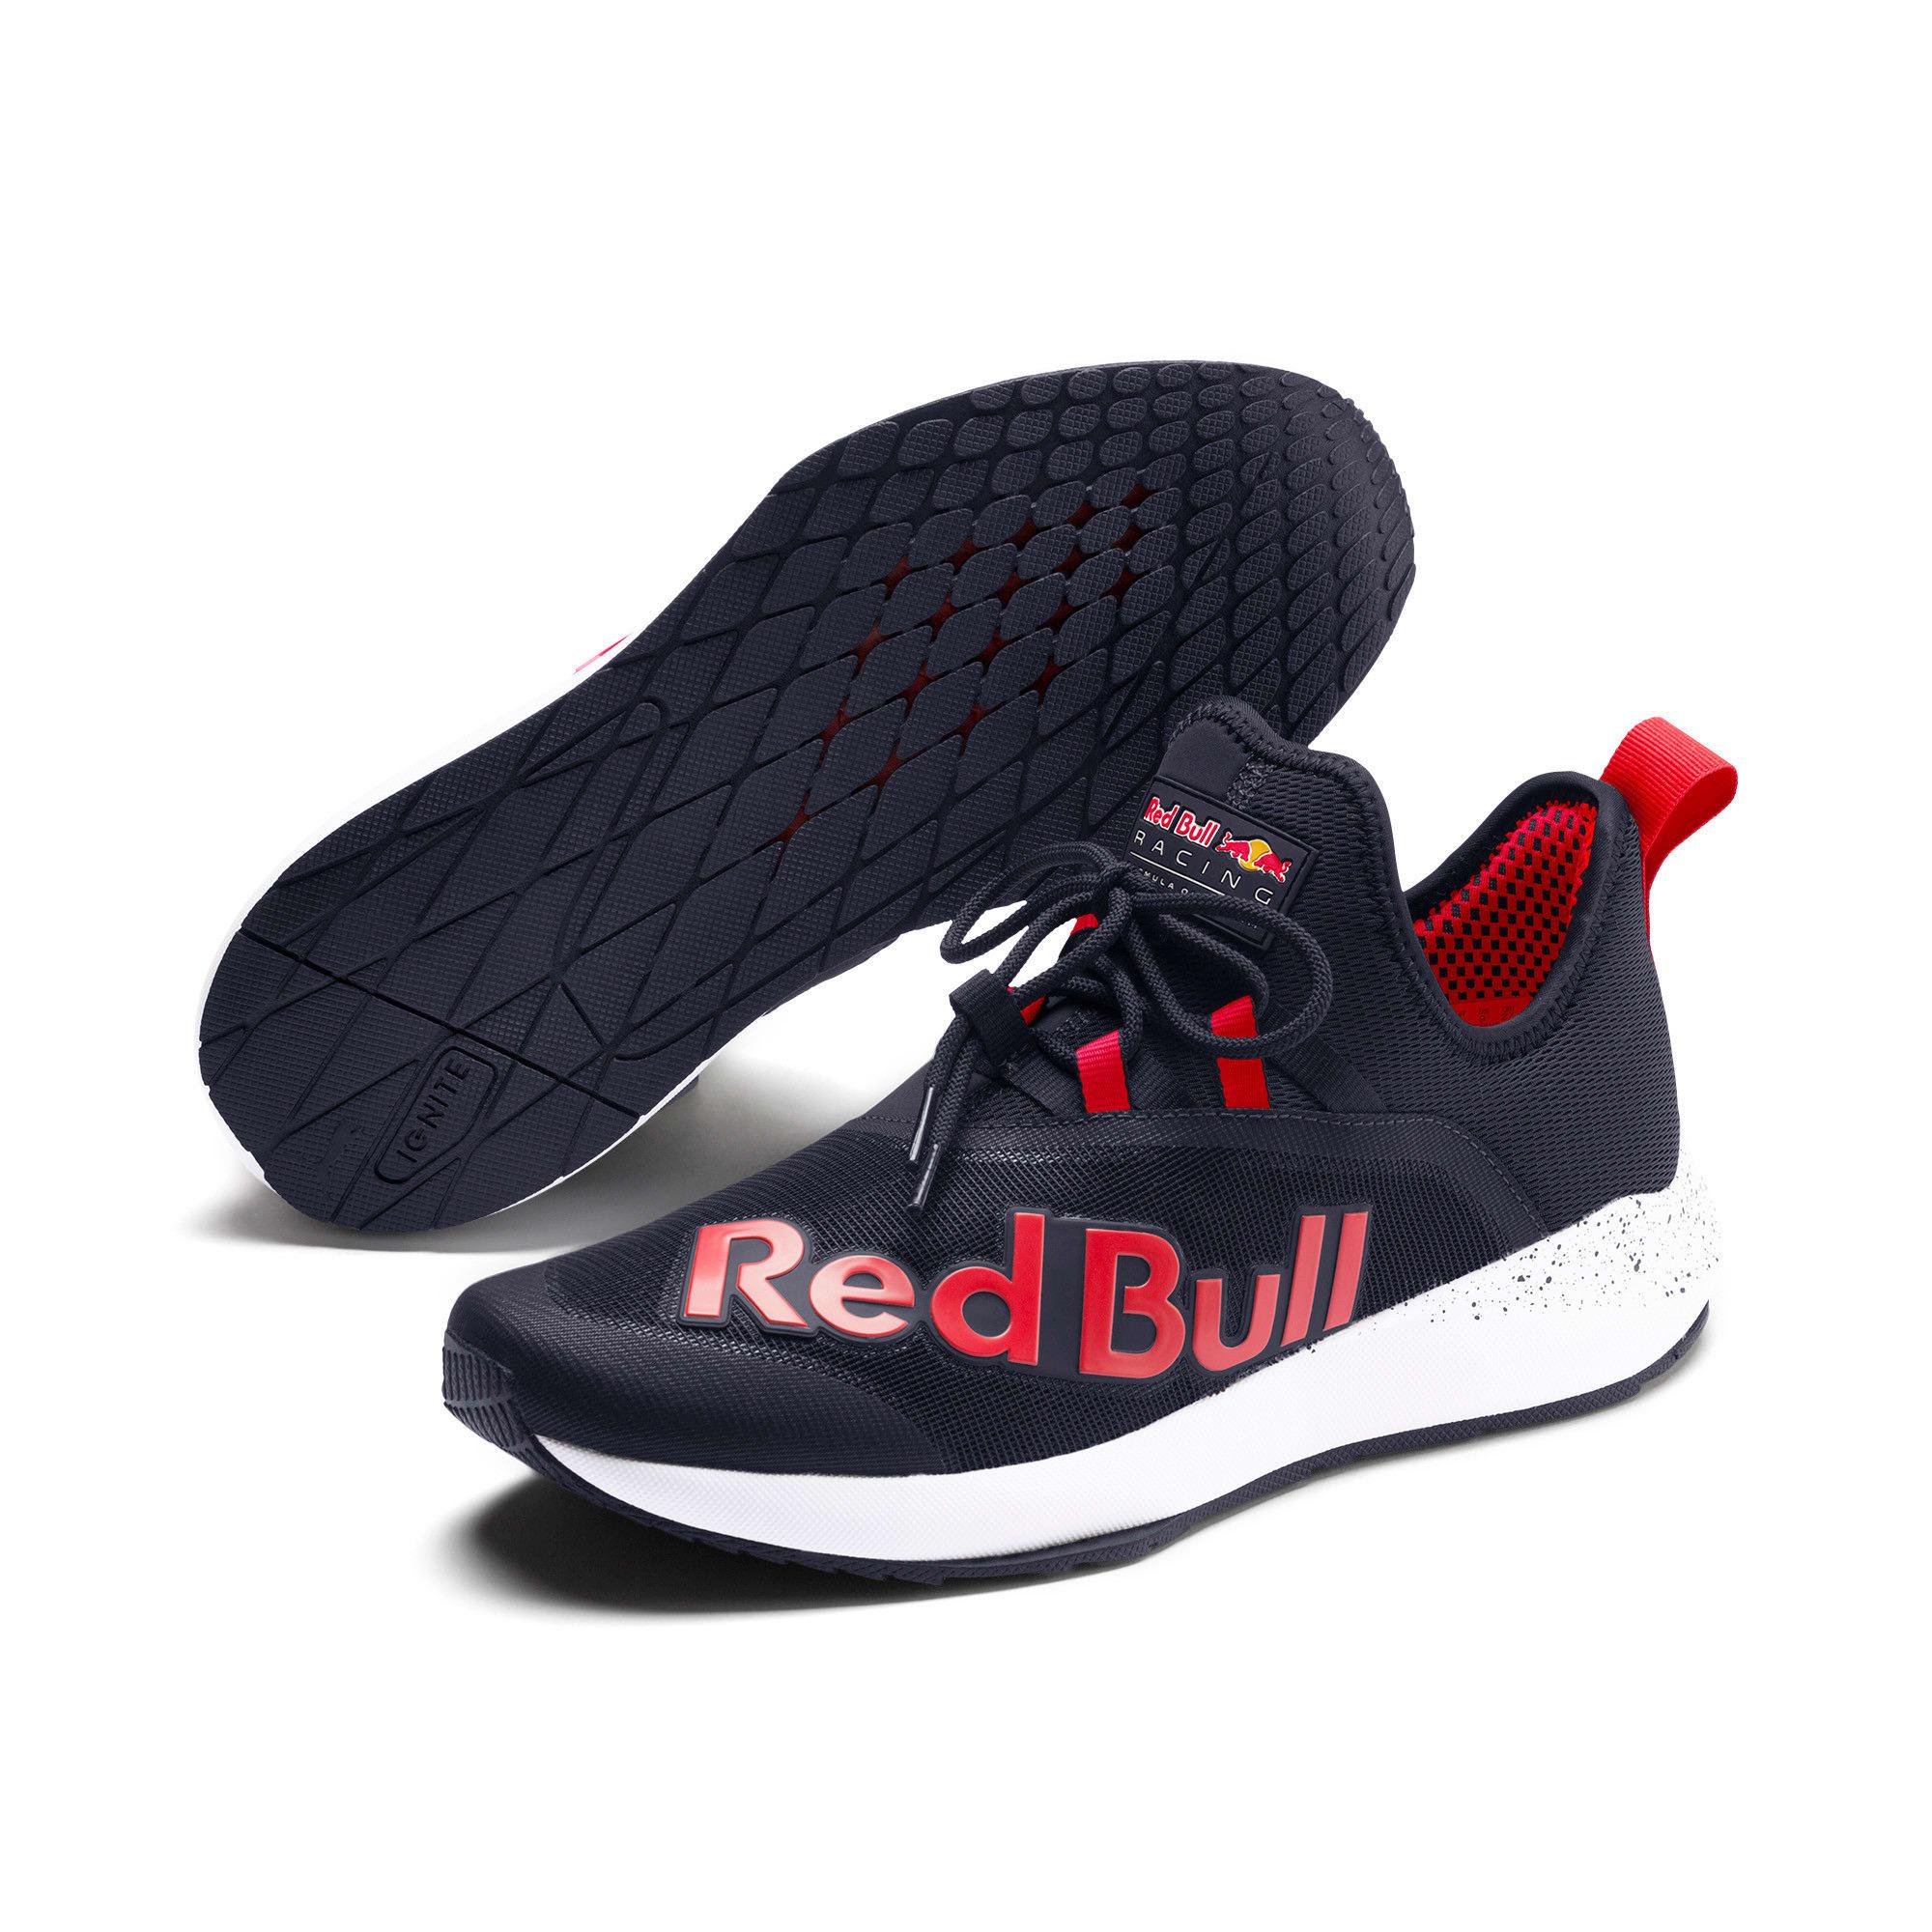 Thumbnail 3 of Red Bull Racing Evo Cat II IGNITE Trainers, NIGHT SKY-Chinese Red-White, medium